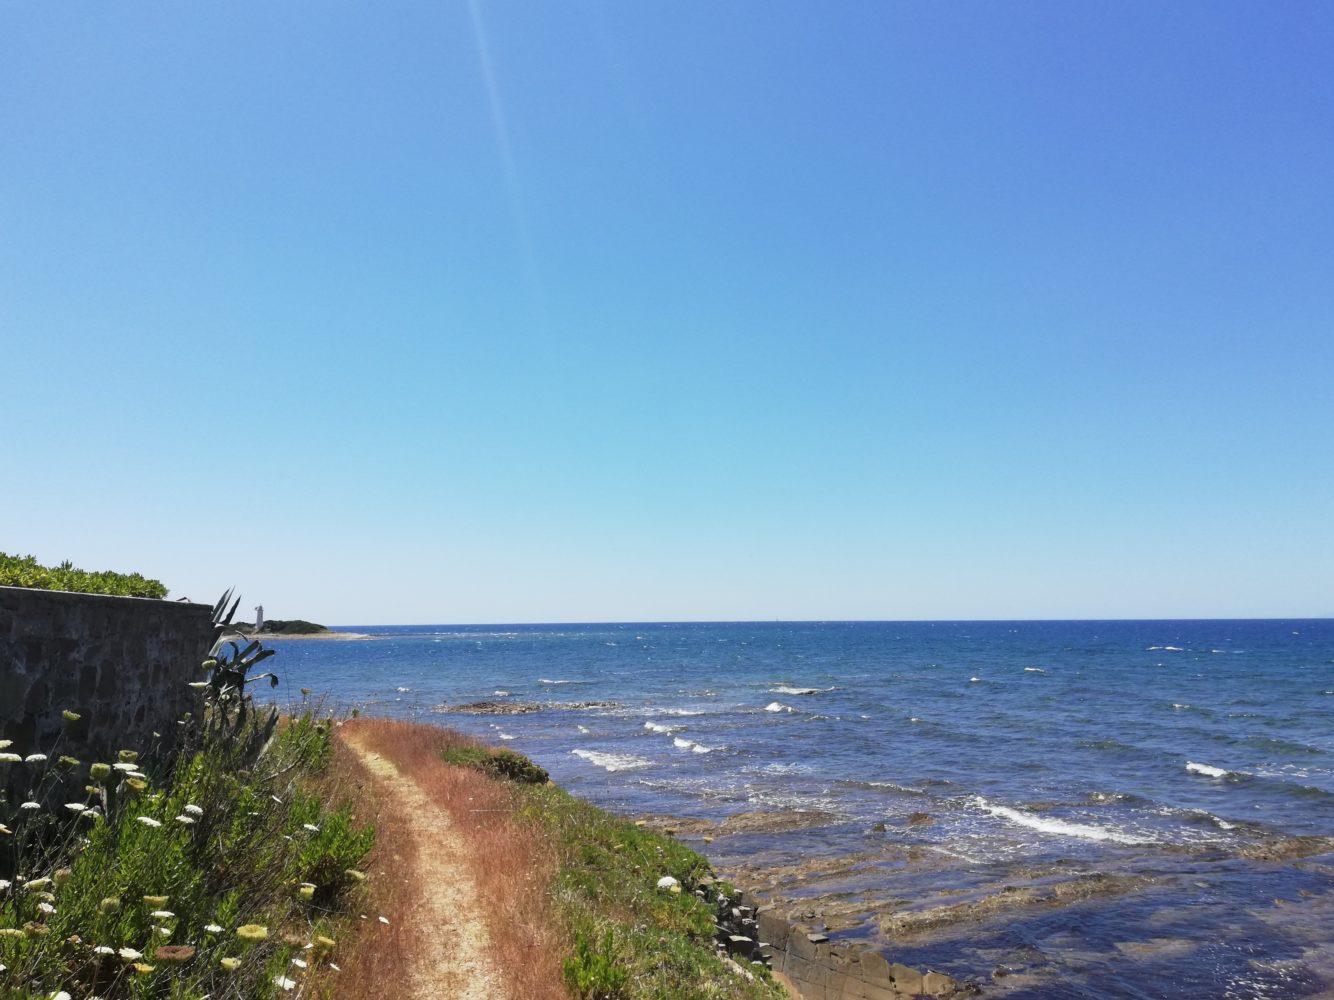 il sentiero di punta licosa da san marco di castellabate verso l'isola della sirena leucosia, il cilentano cilento.jpg